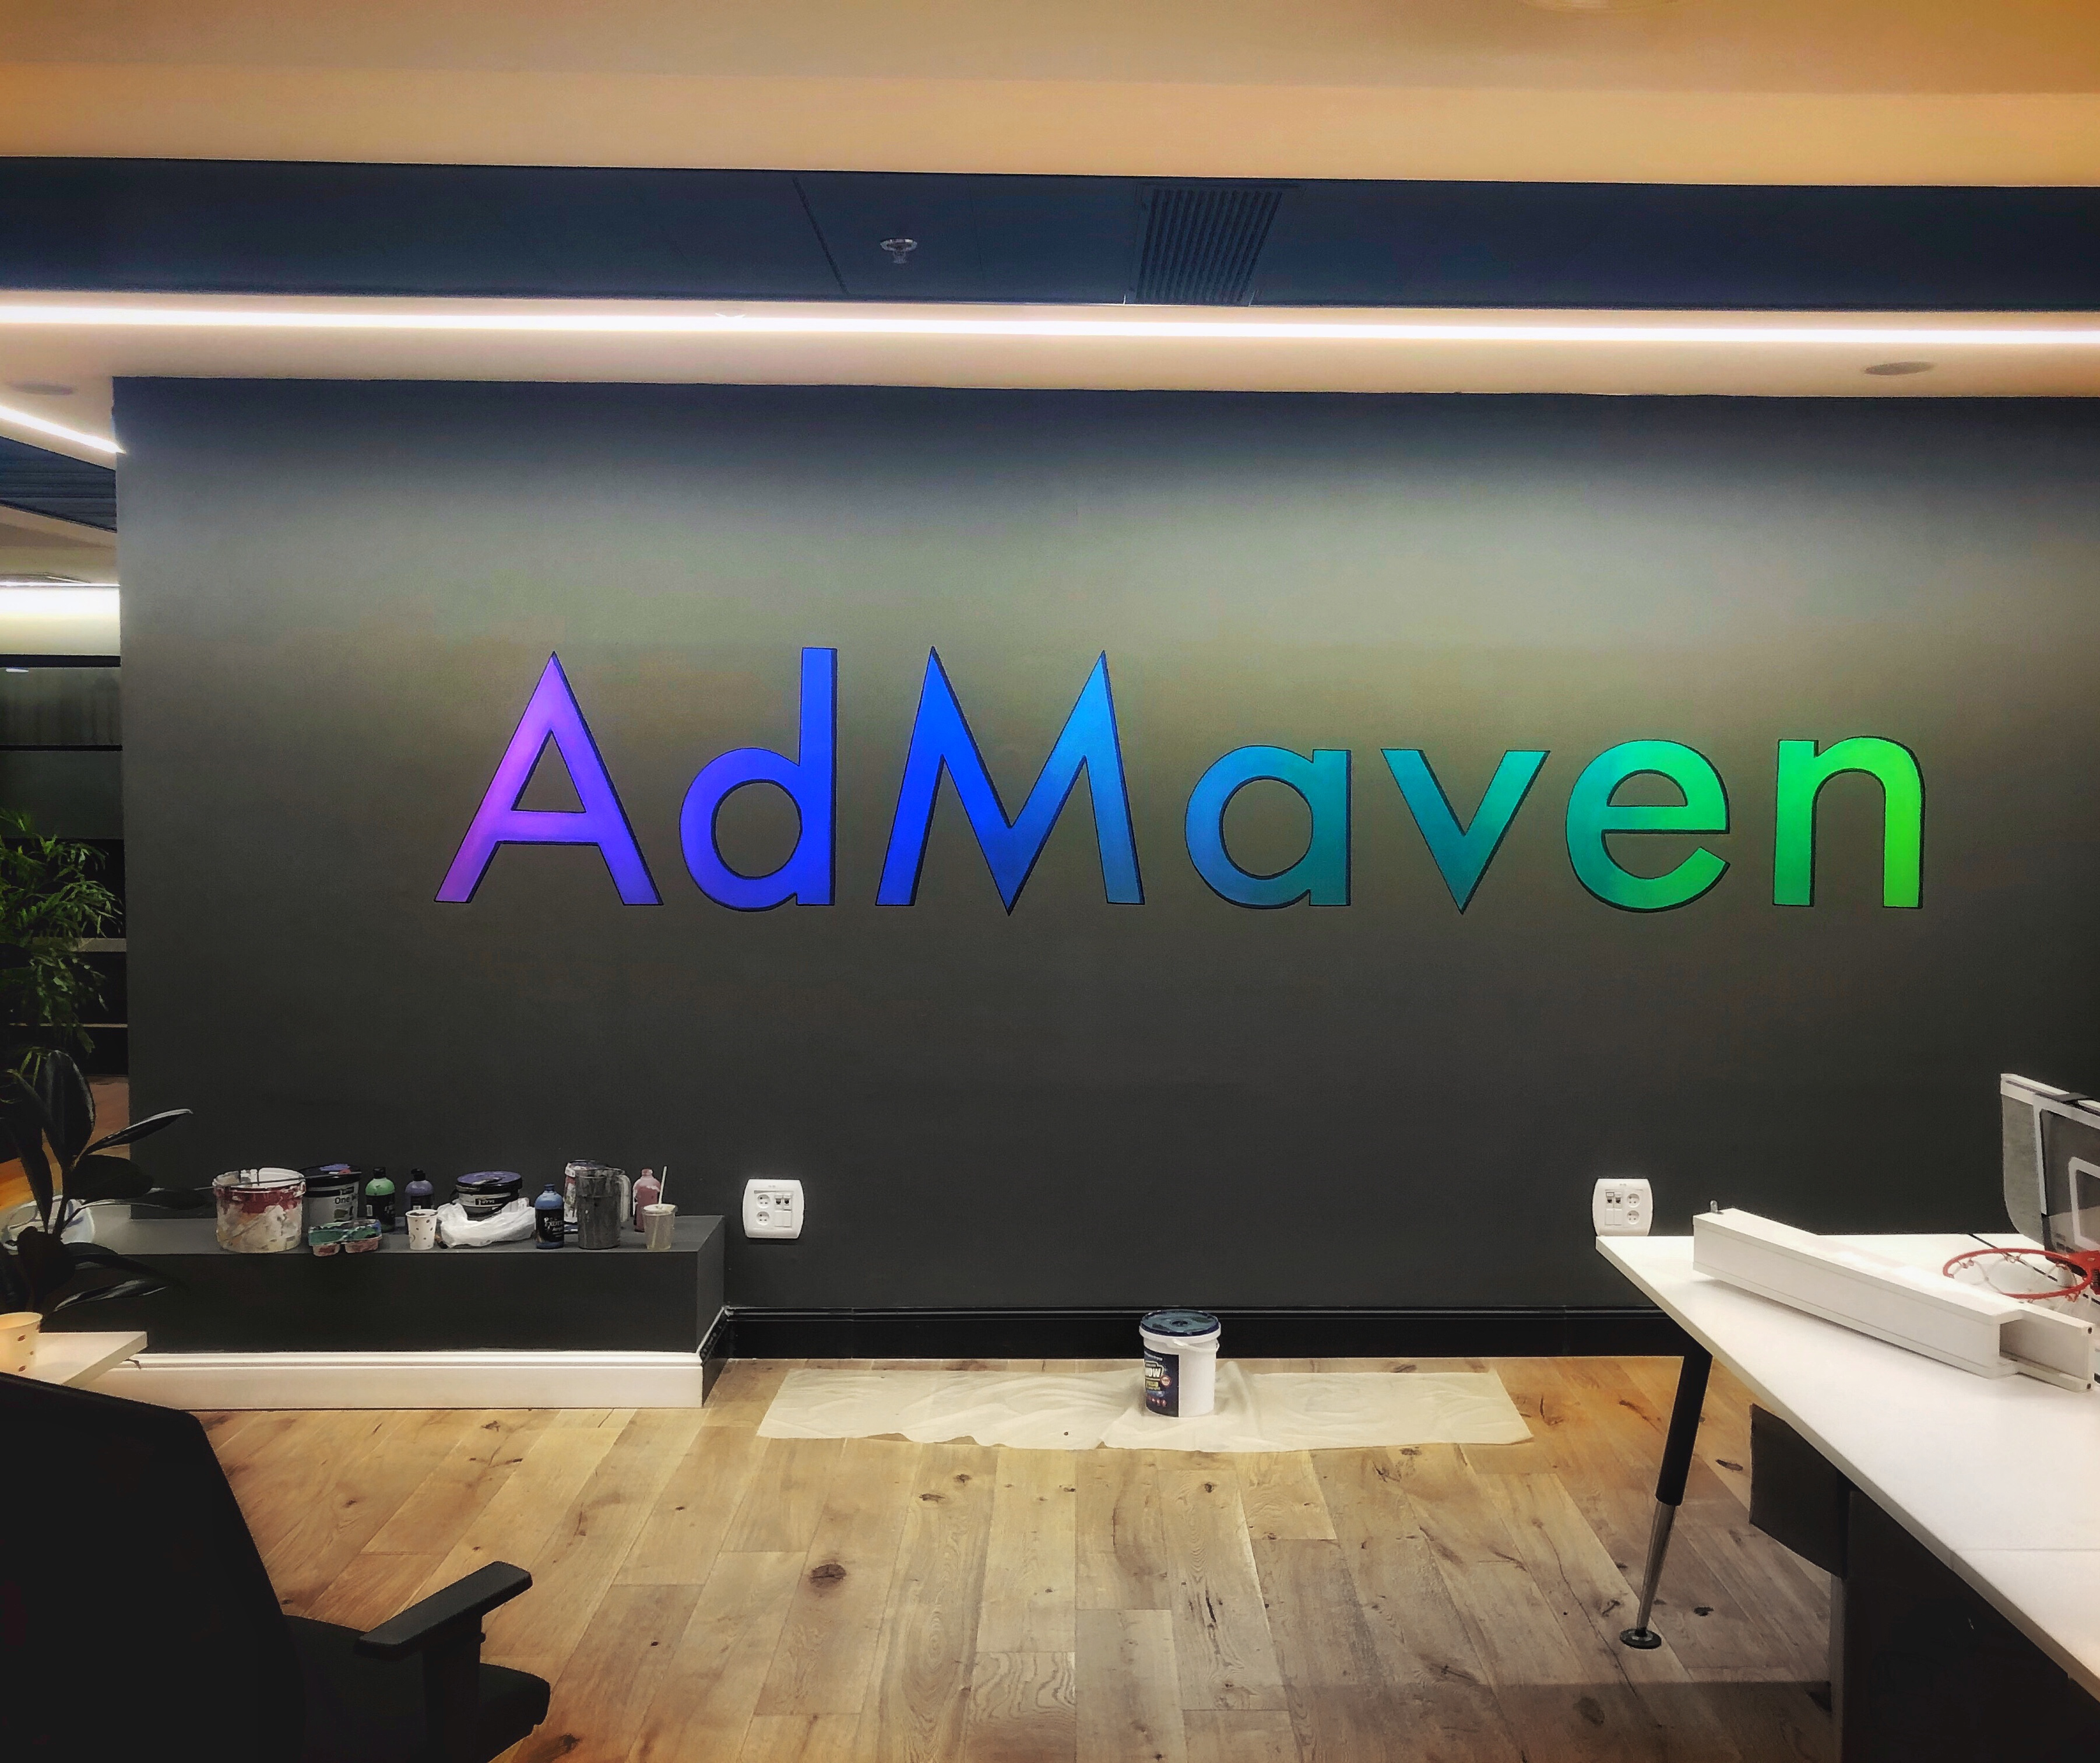 לוגו של חברת AdMaven